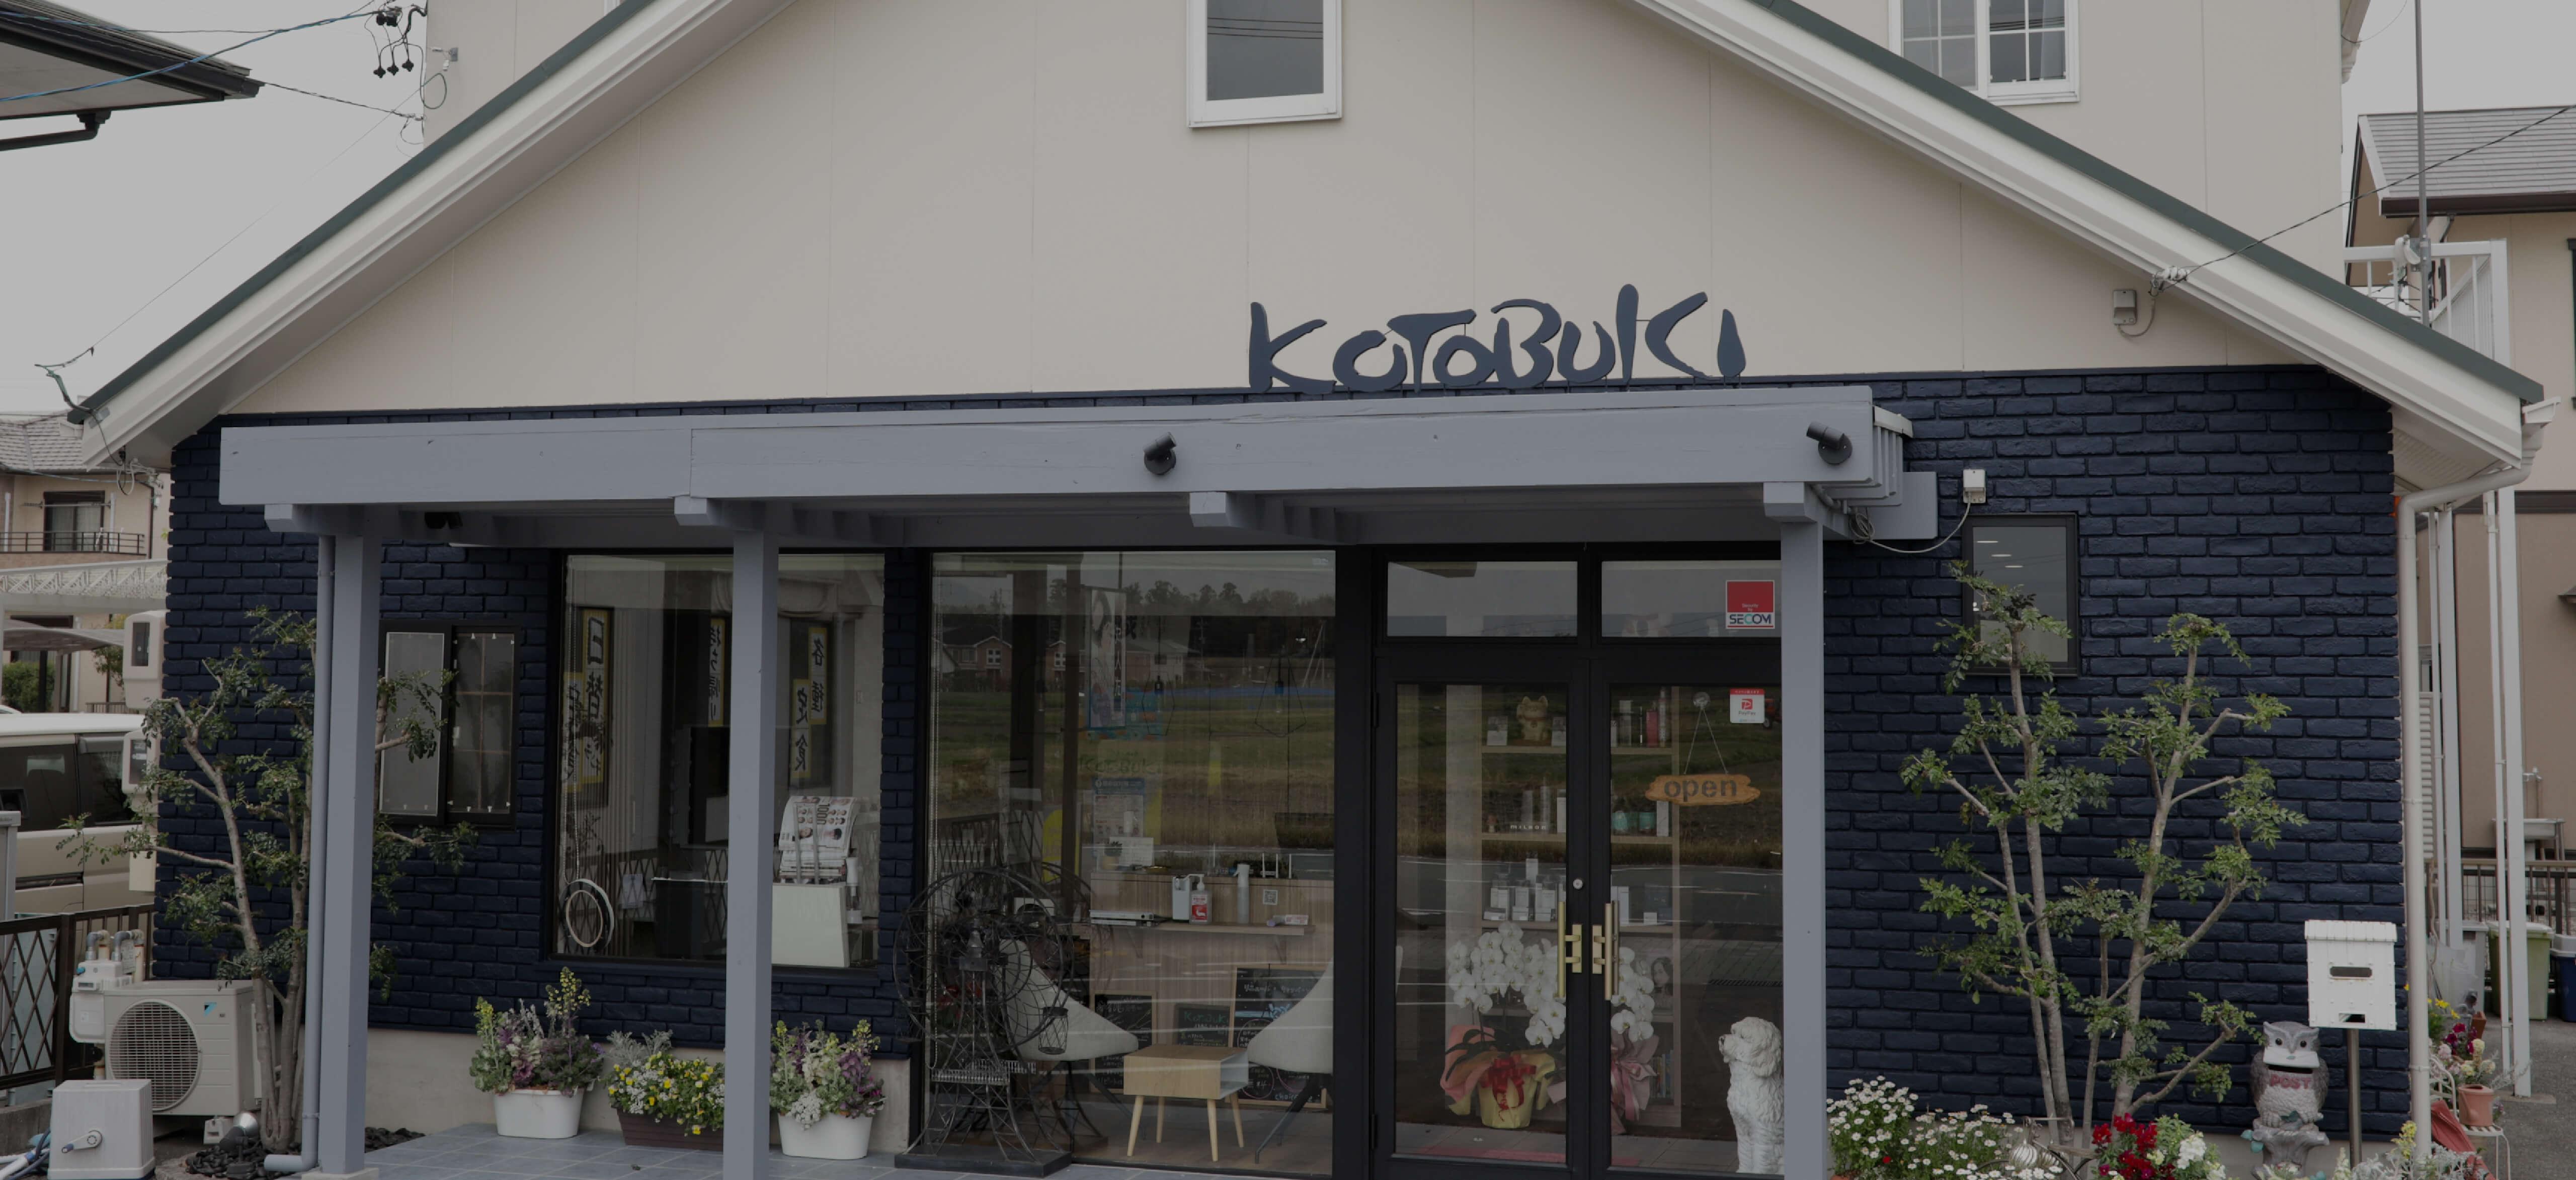 三重県松阪市の美容室ヘア&メイクKOTOBUKI(コトブキ)外観